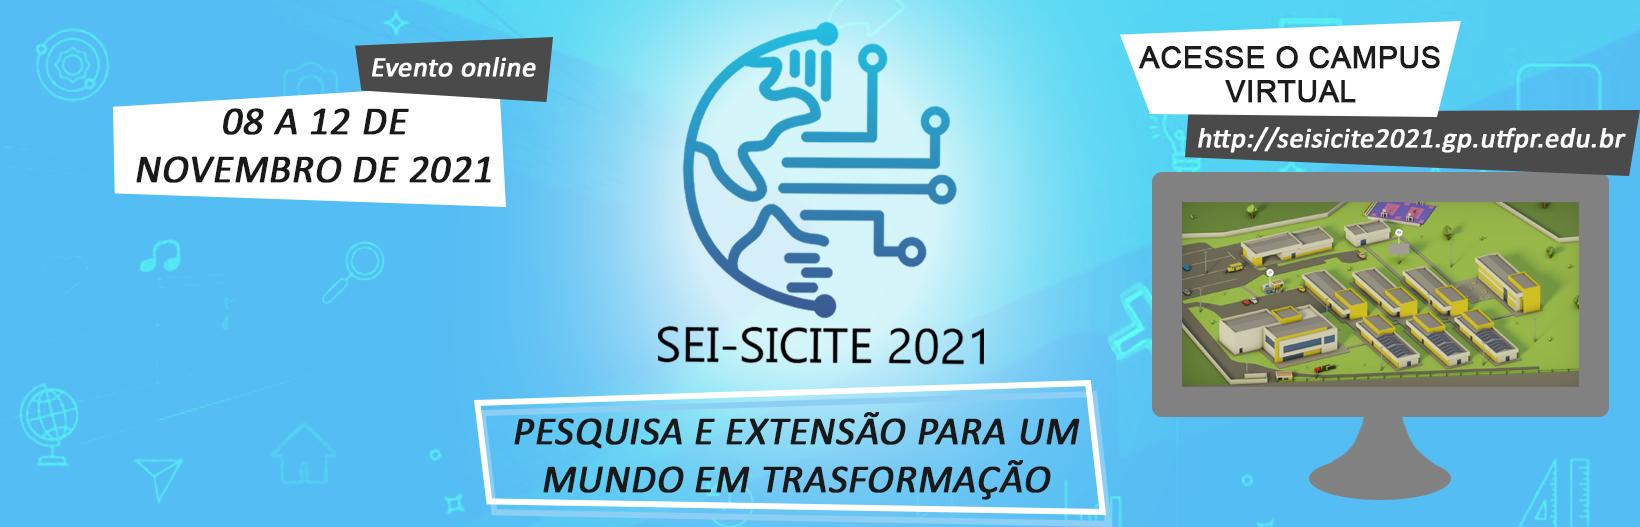 Seisicite2021